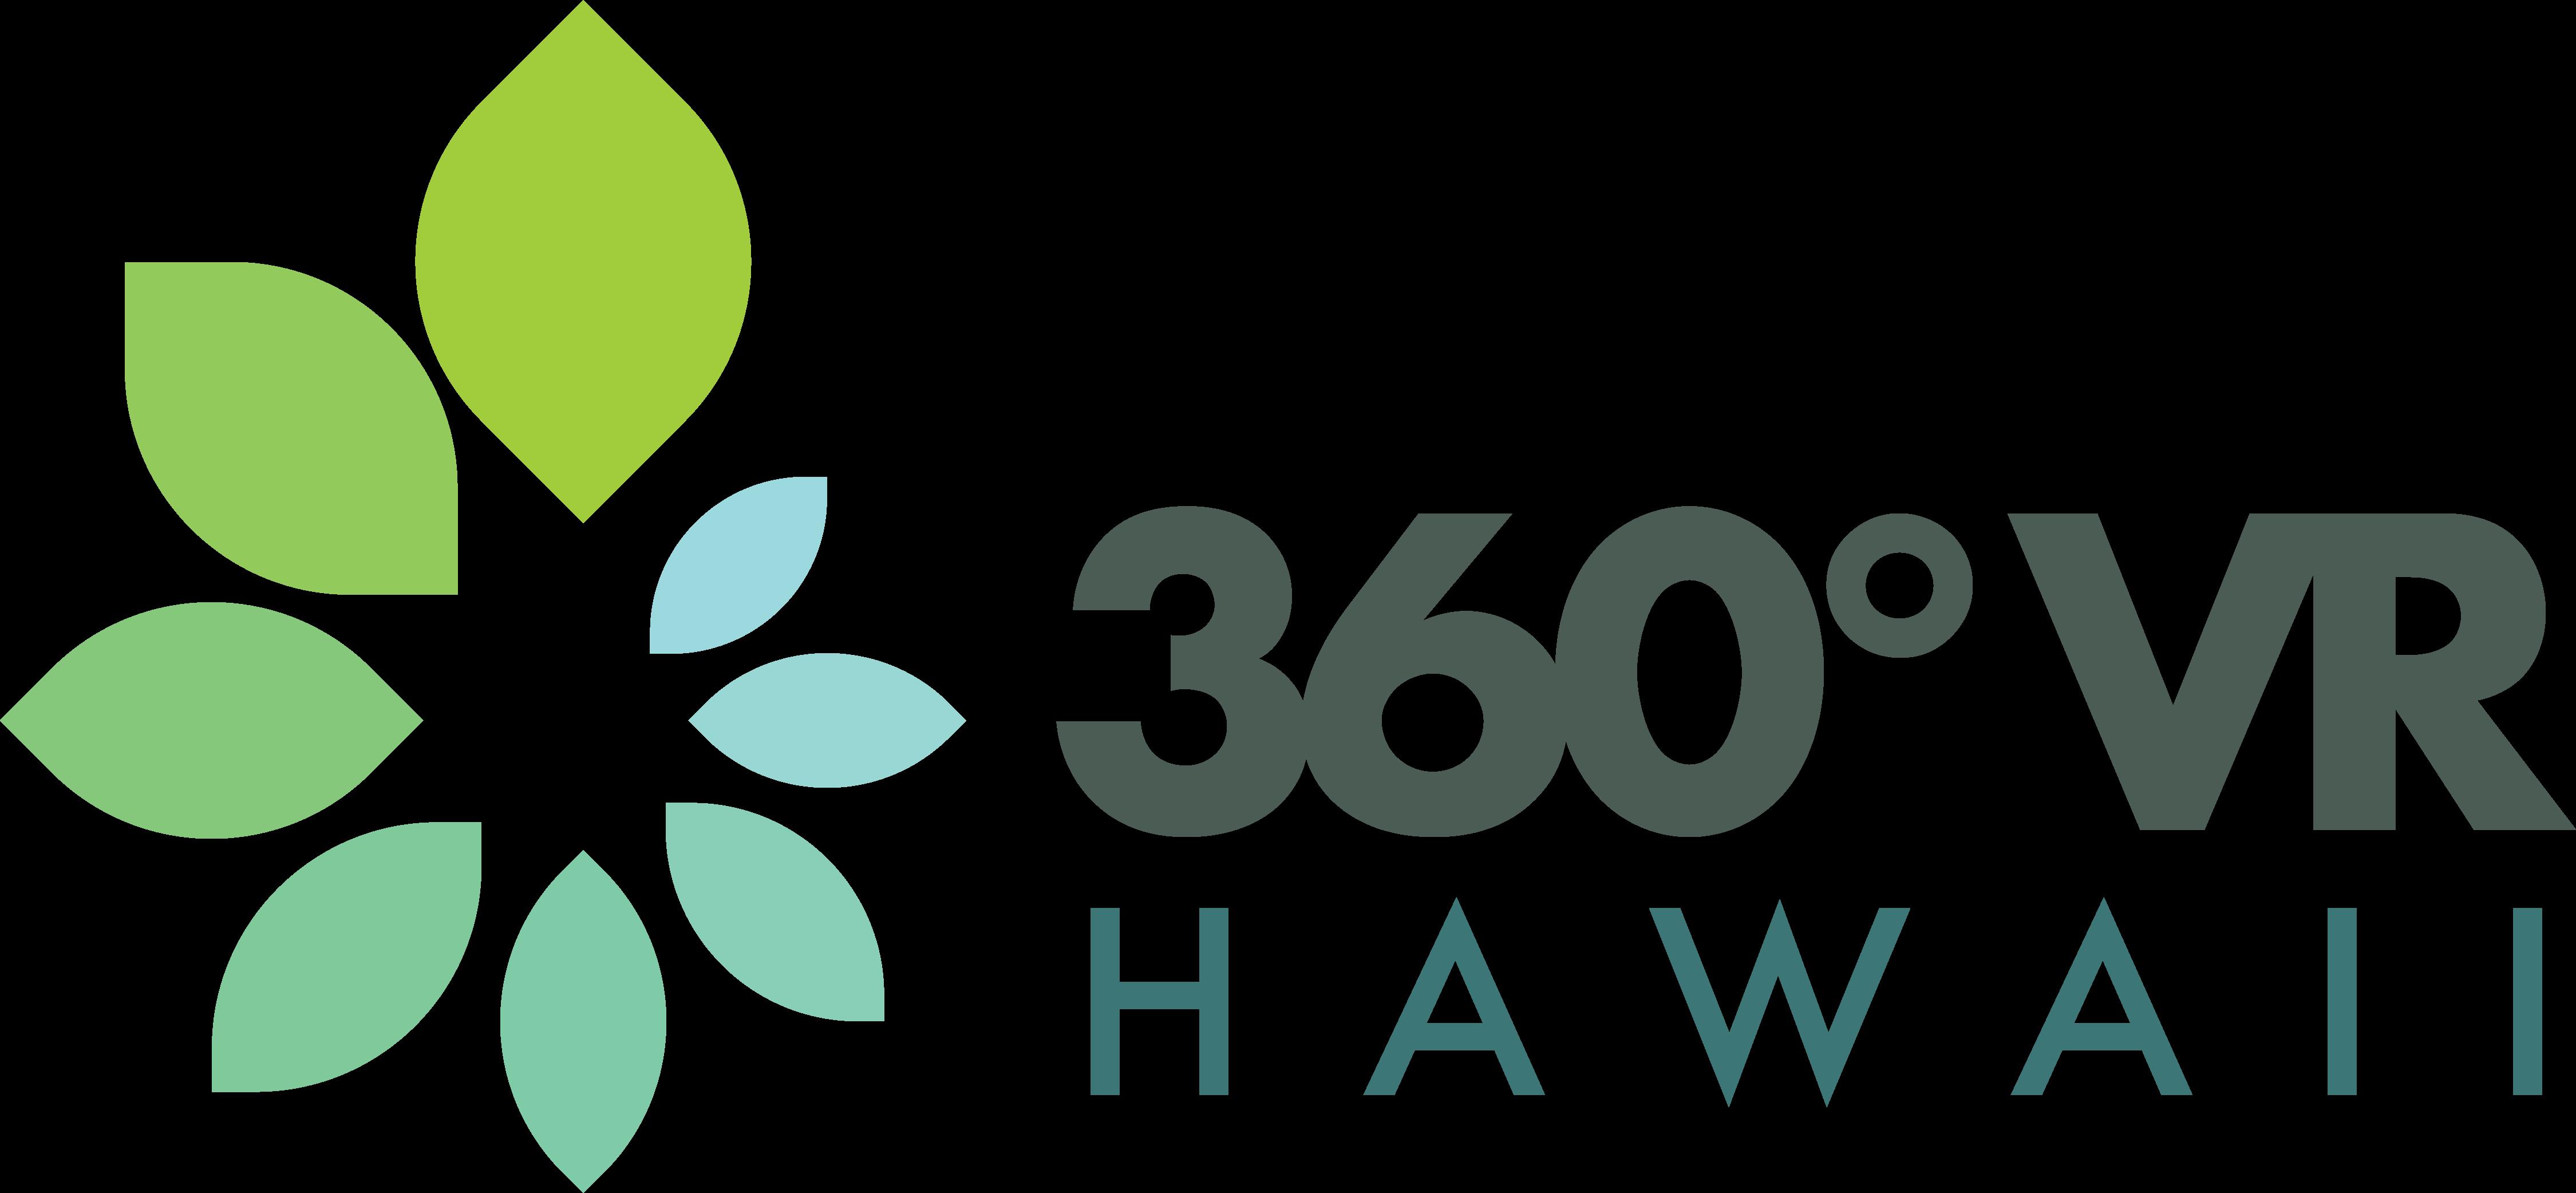 360° VR Hawaii floor plan Kapaa floor plan Lihue floor plan Princeville floor plan Waimea